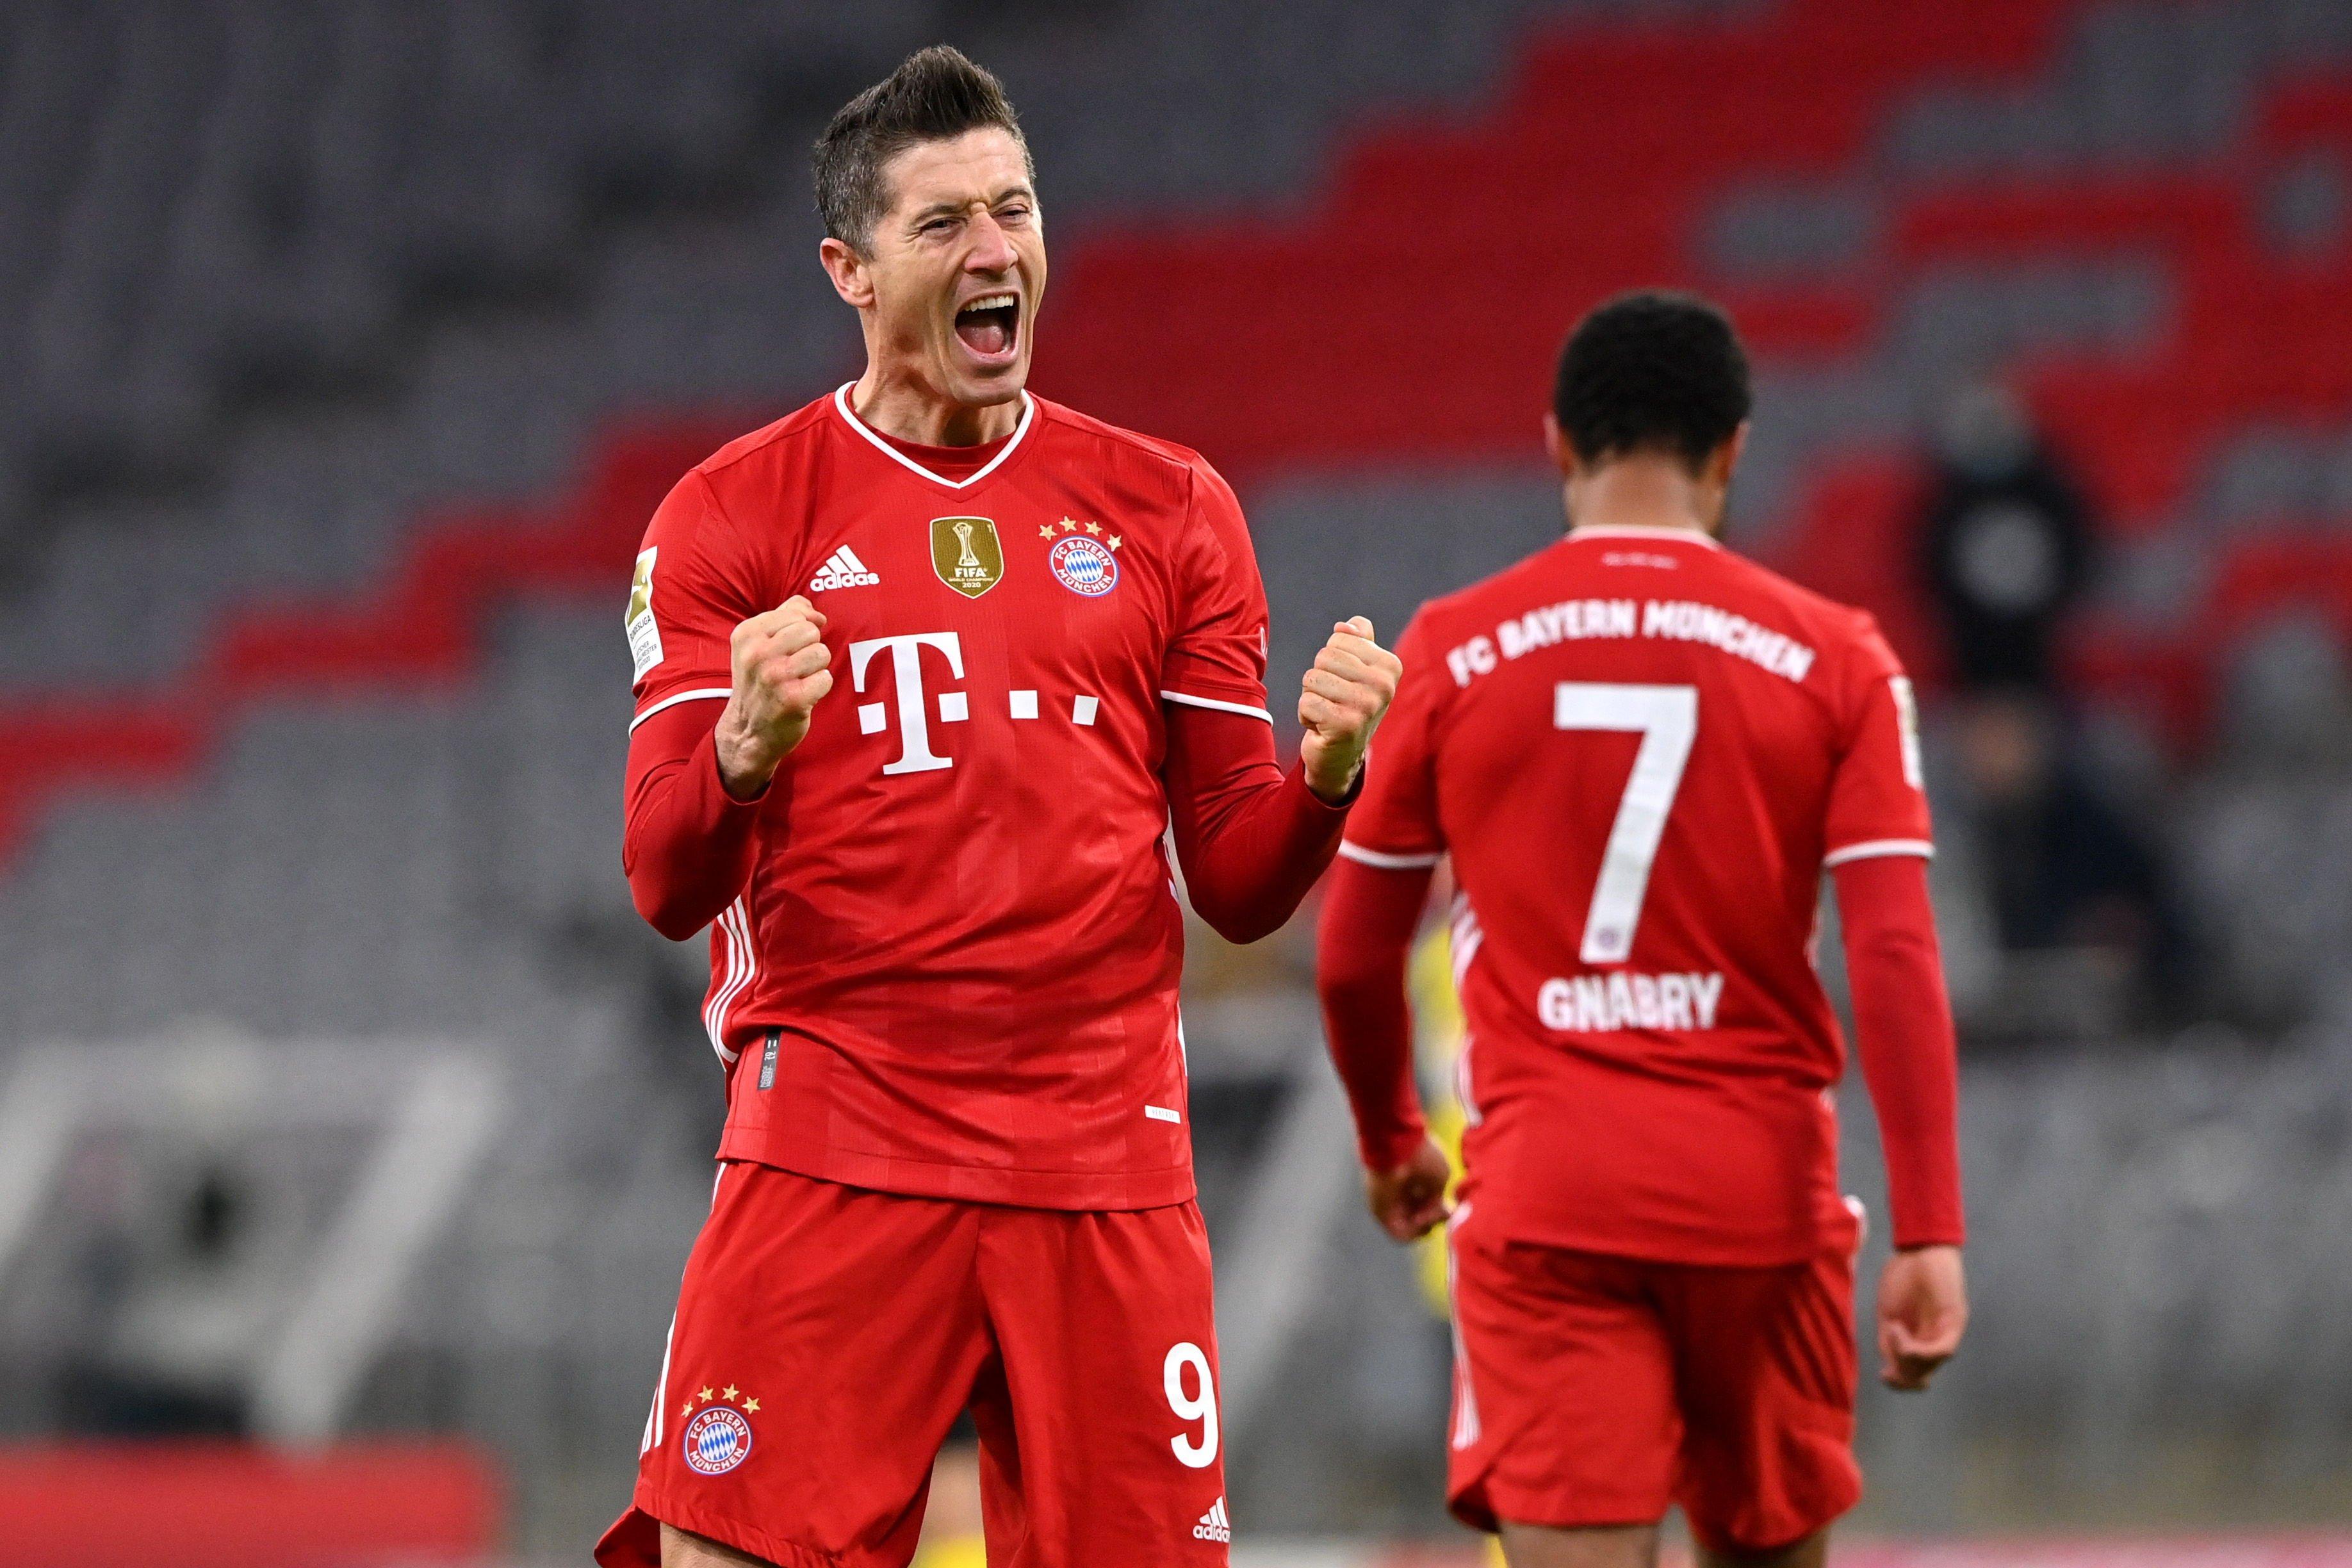 El hombre récord del Bayern: Robert Lewandowski igualó cifra histórica del legendario Gerd Müller